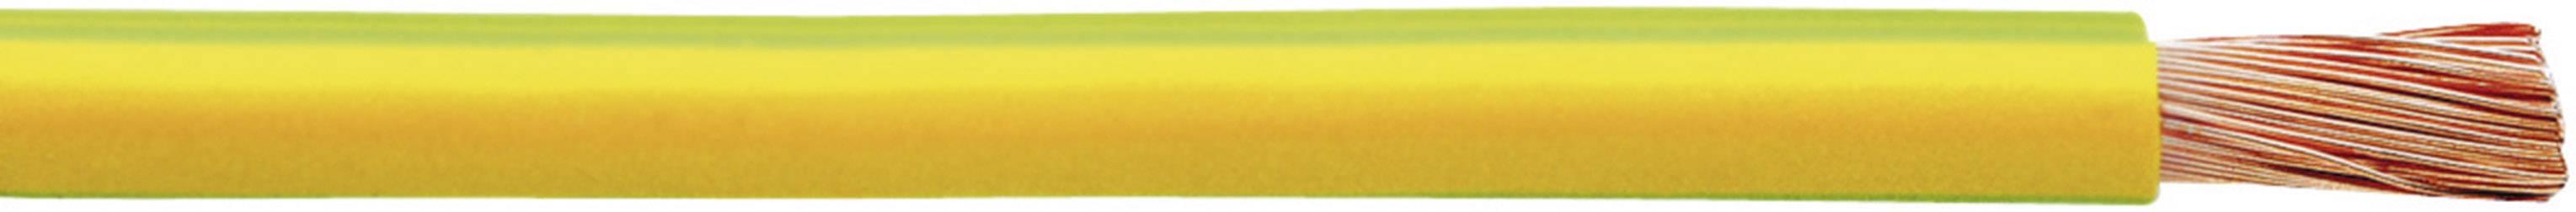 Pletenica H07V-K 1 x 10 mm, rjava Faber Kabel 040039 cena za meter